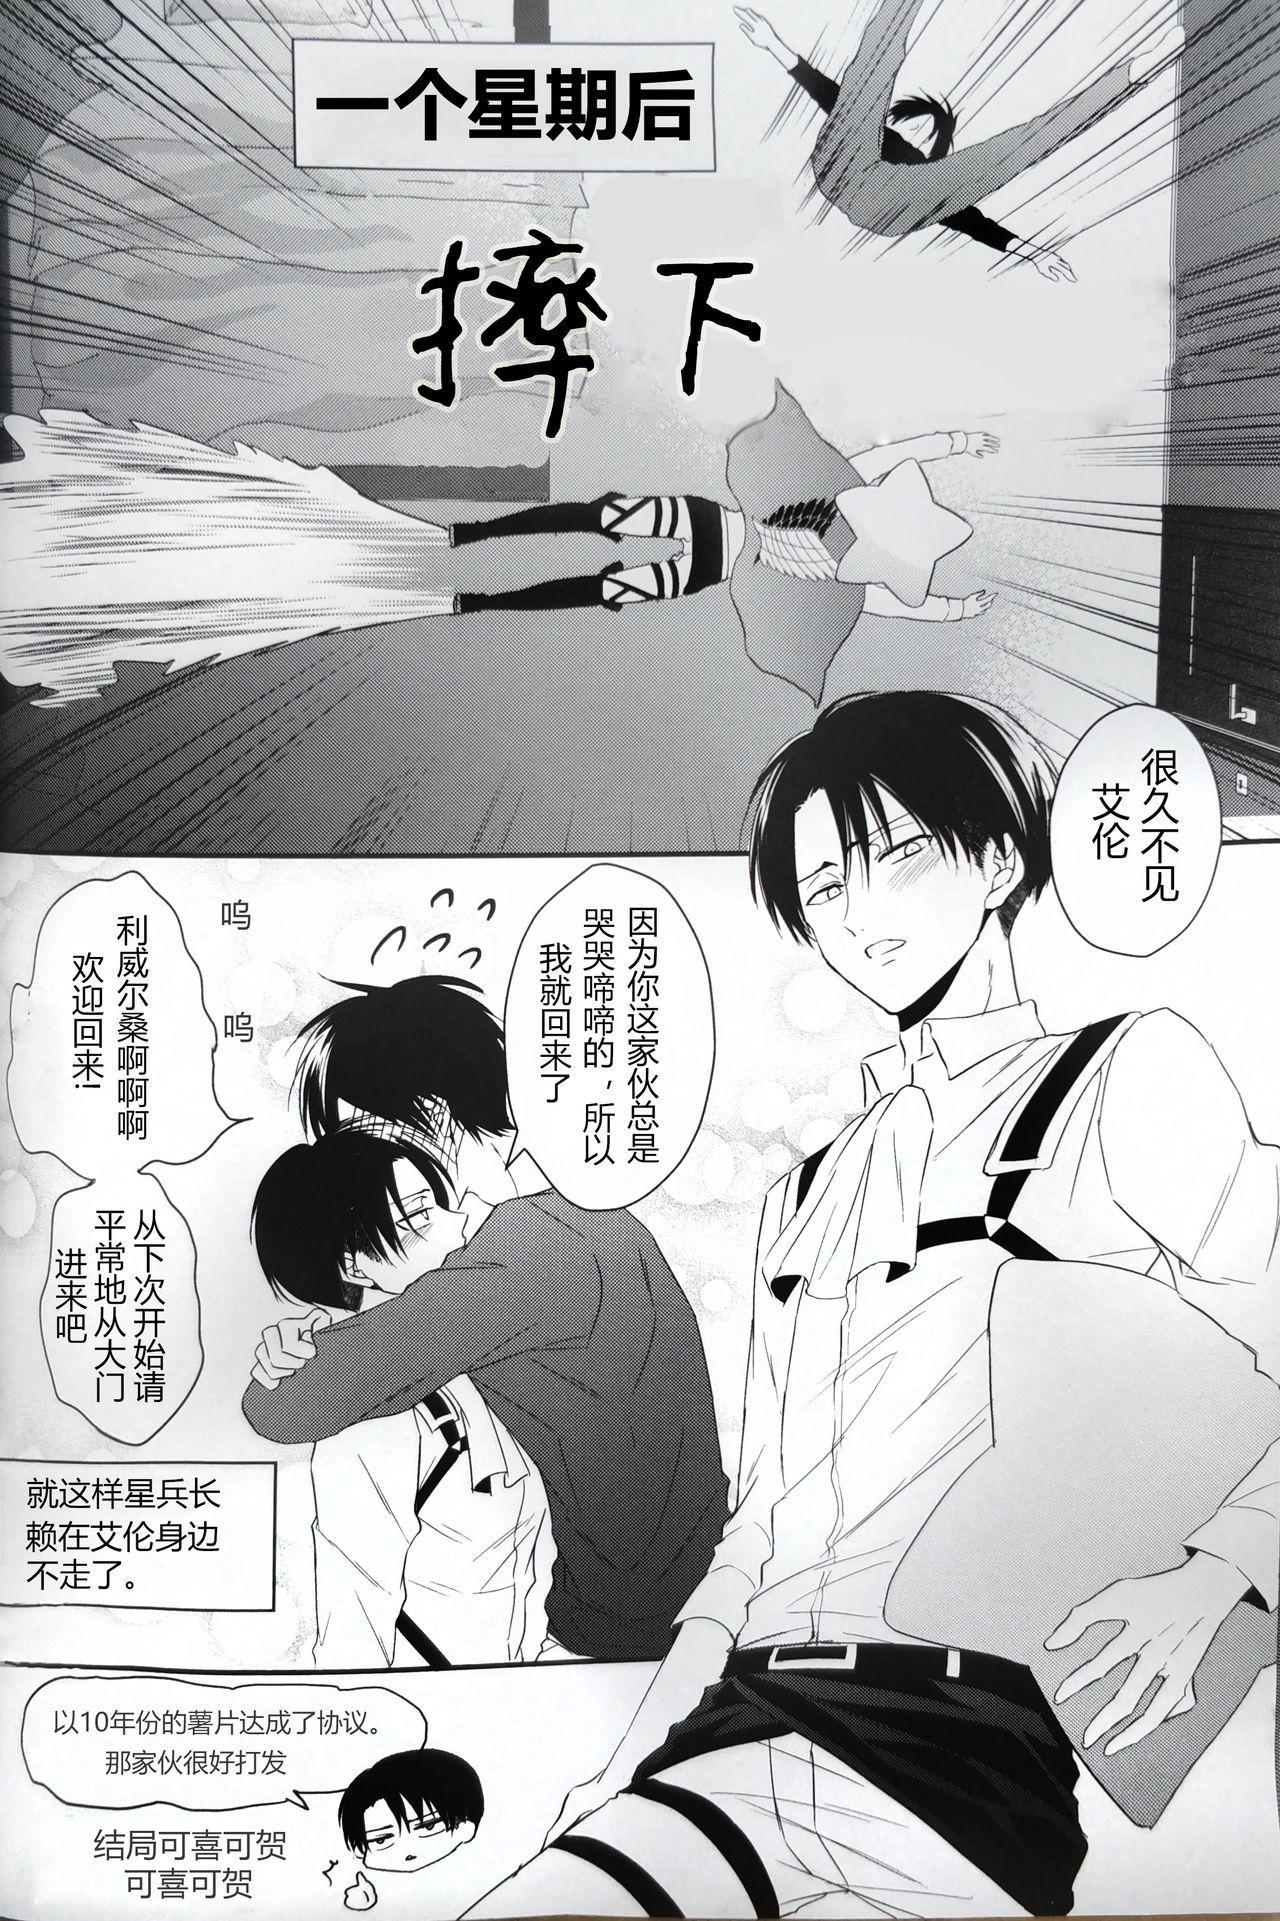 Hoshi e cho ni onegai ~tsu! | 向星兵长许愿! 33